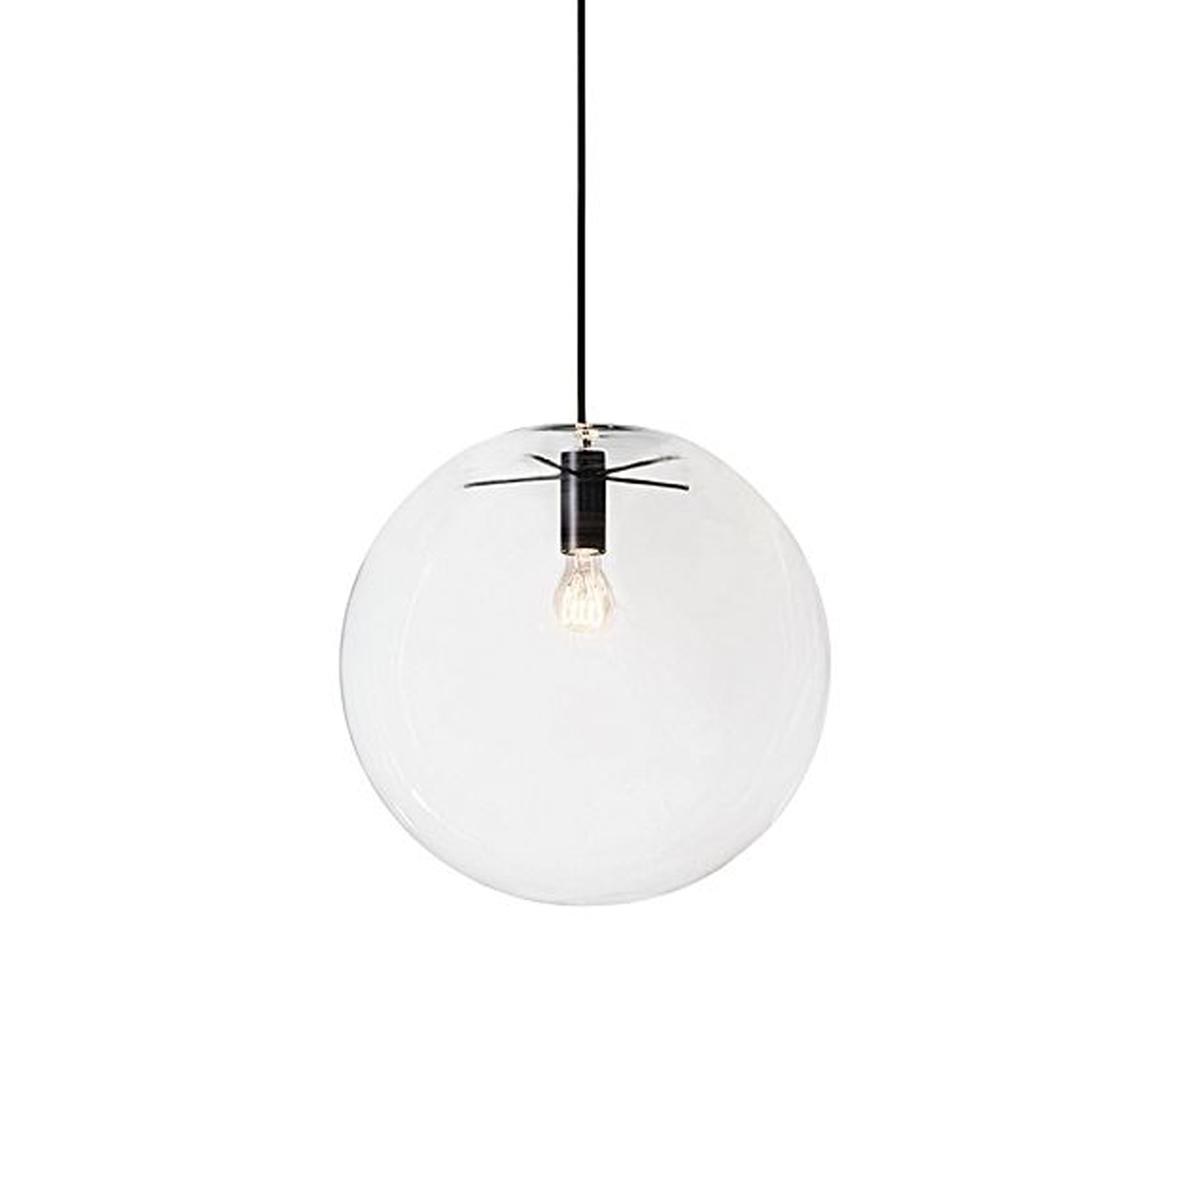 Подвесной светильник копия SELENE by ClassiCon D35 (черный)